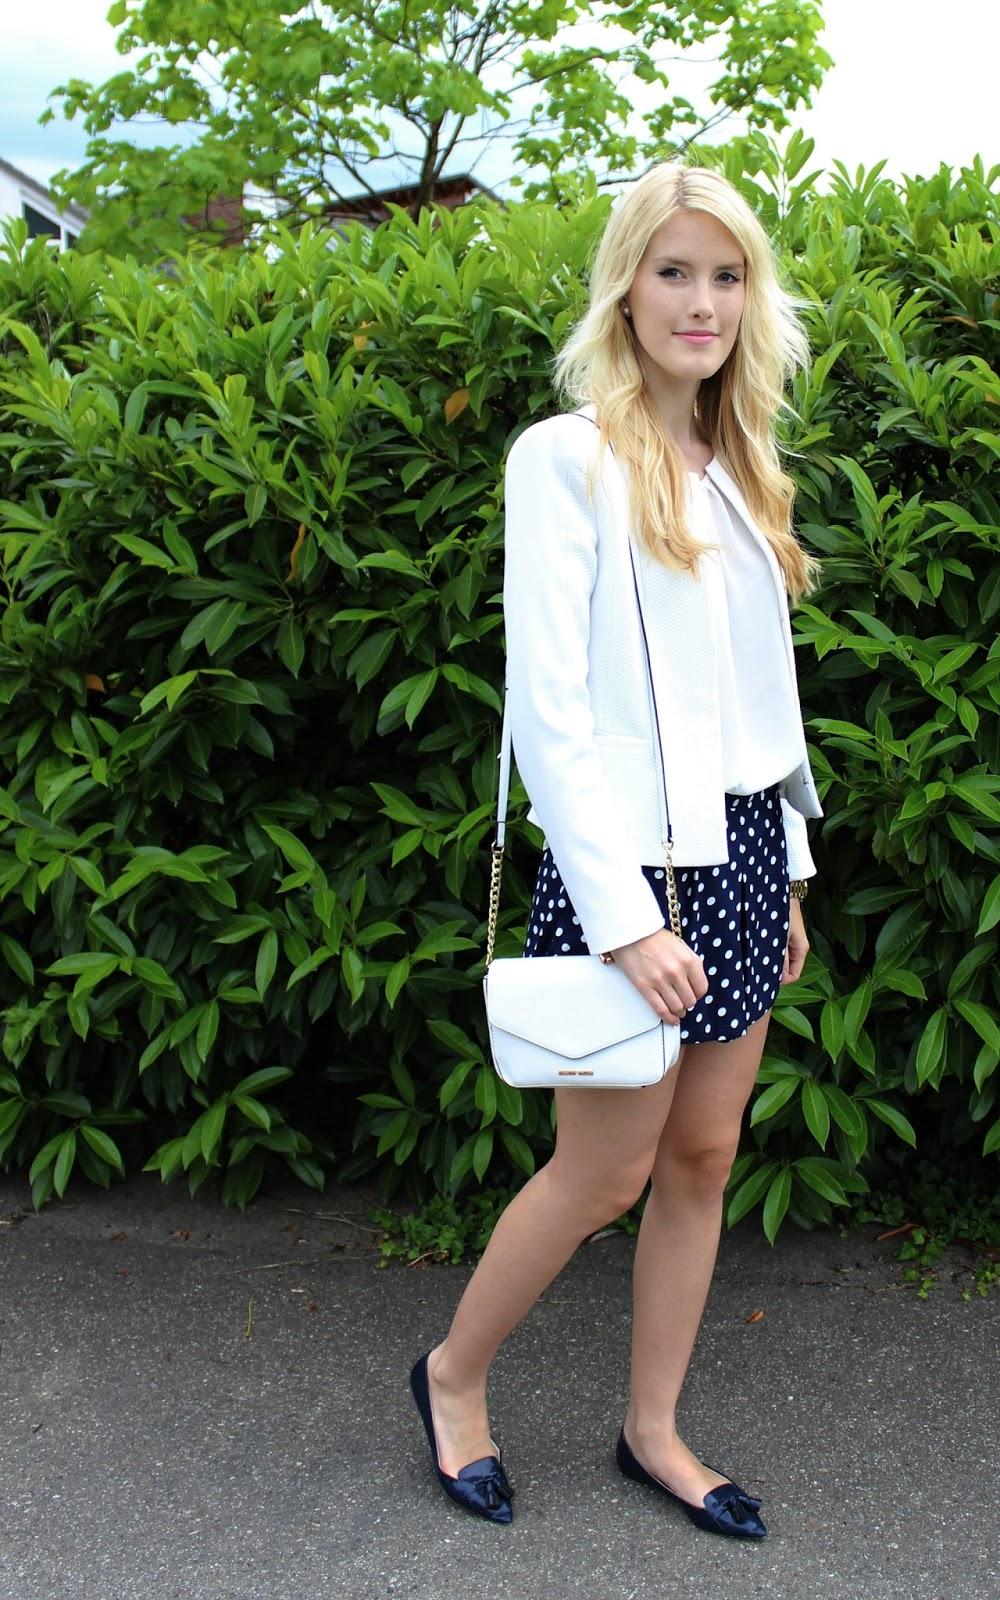 Polka dot shorts loose vjstyle outfit TheBlondeLion summer maritim Pünktchen